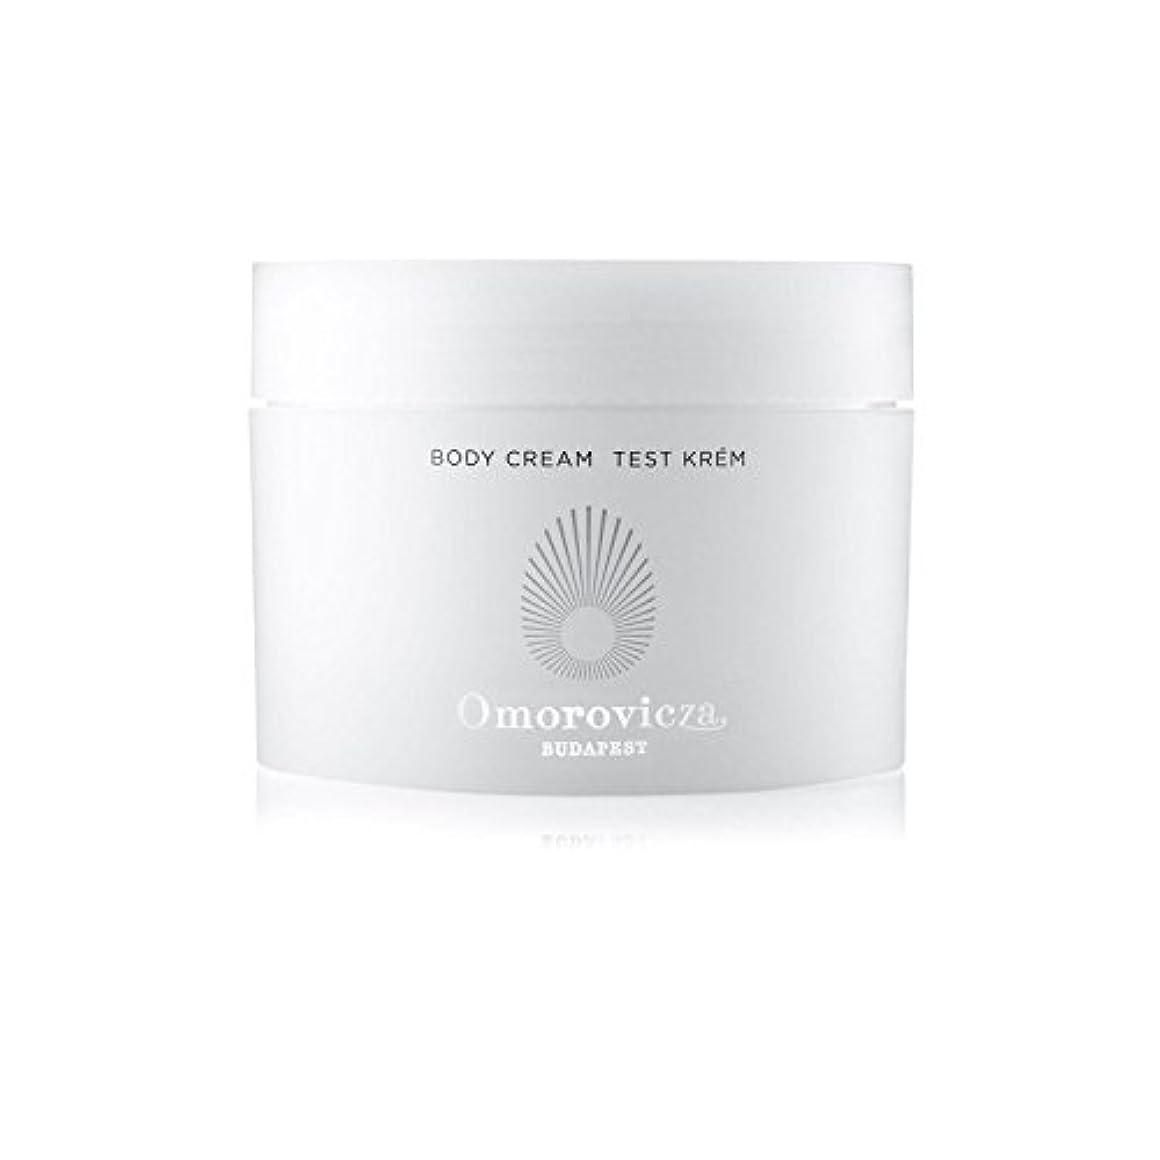 スクラップブック浮浪者記憶に残るOmorovicza Body Cream (200ml) - ボディクリーム(200ミリリットル) [並行輸入品]